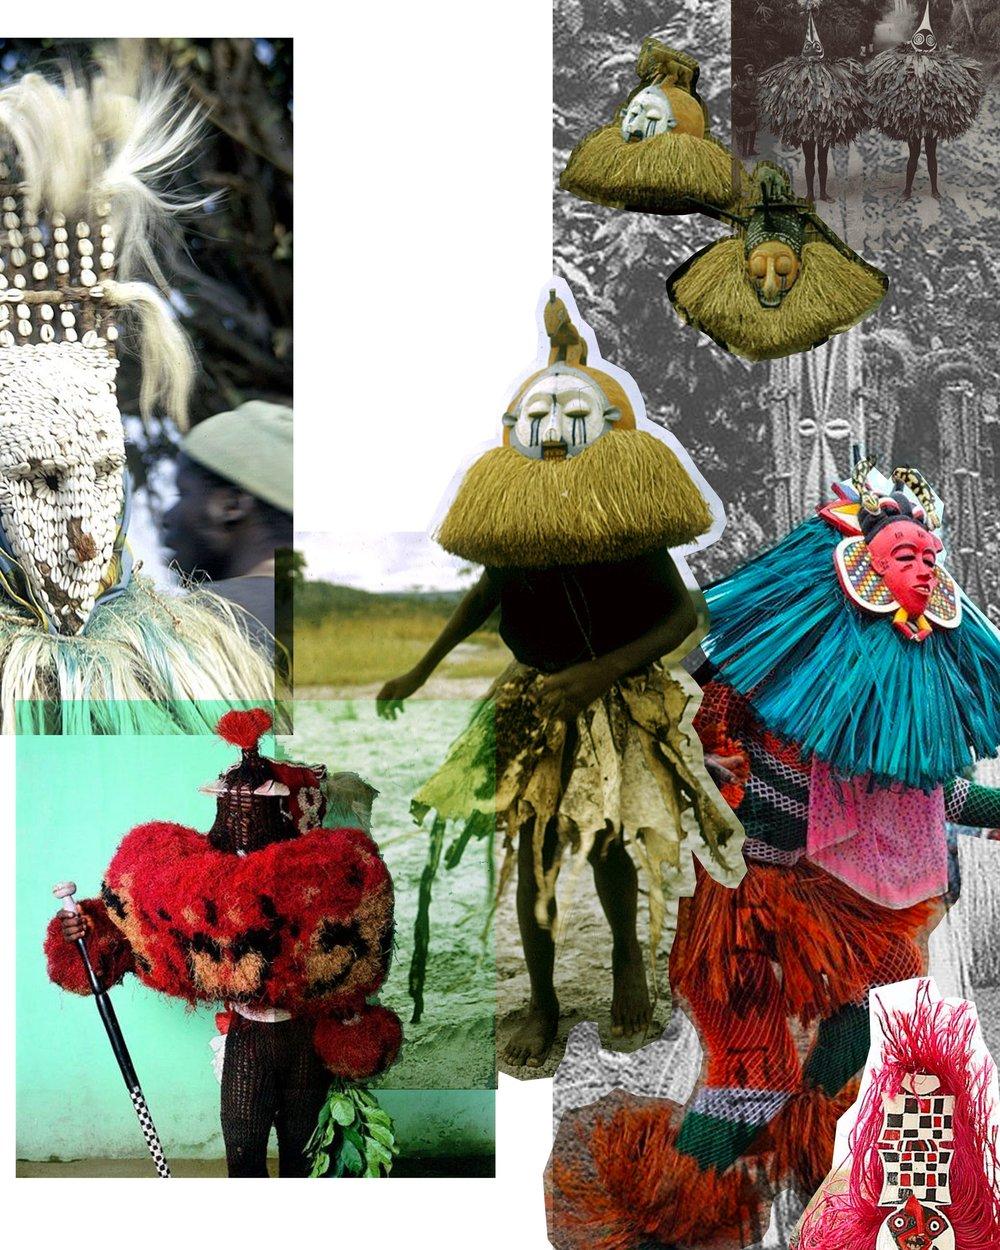 Concept Board 2: Tribal Culture/Rituals and Costume